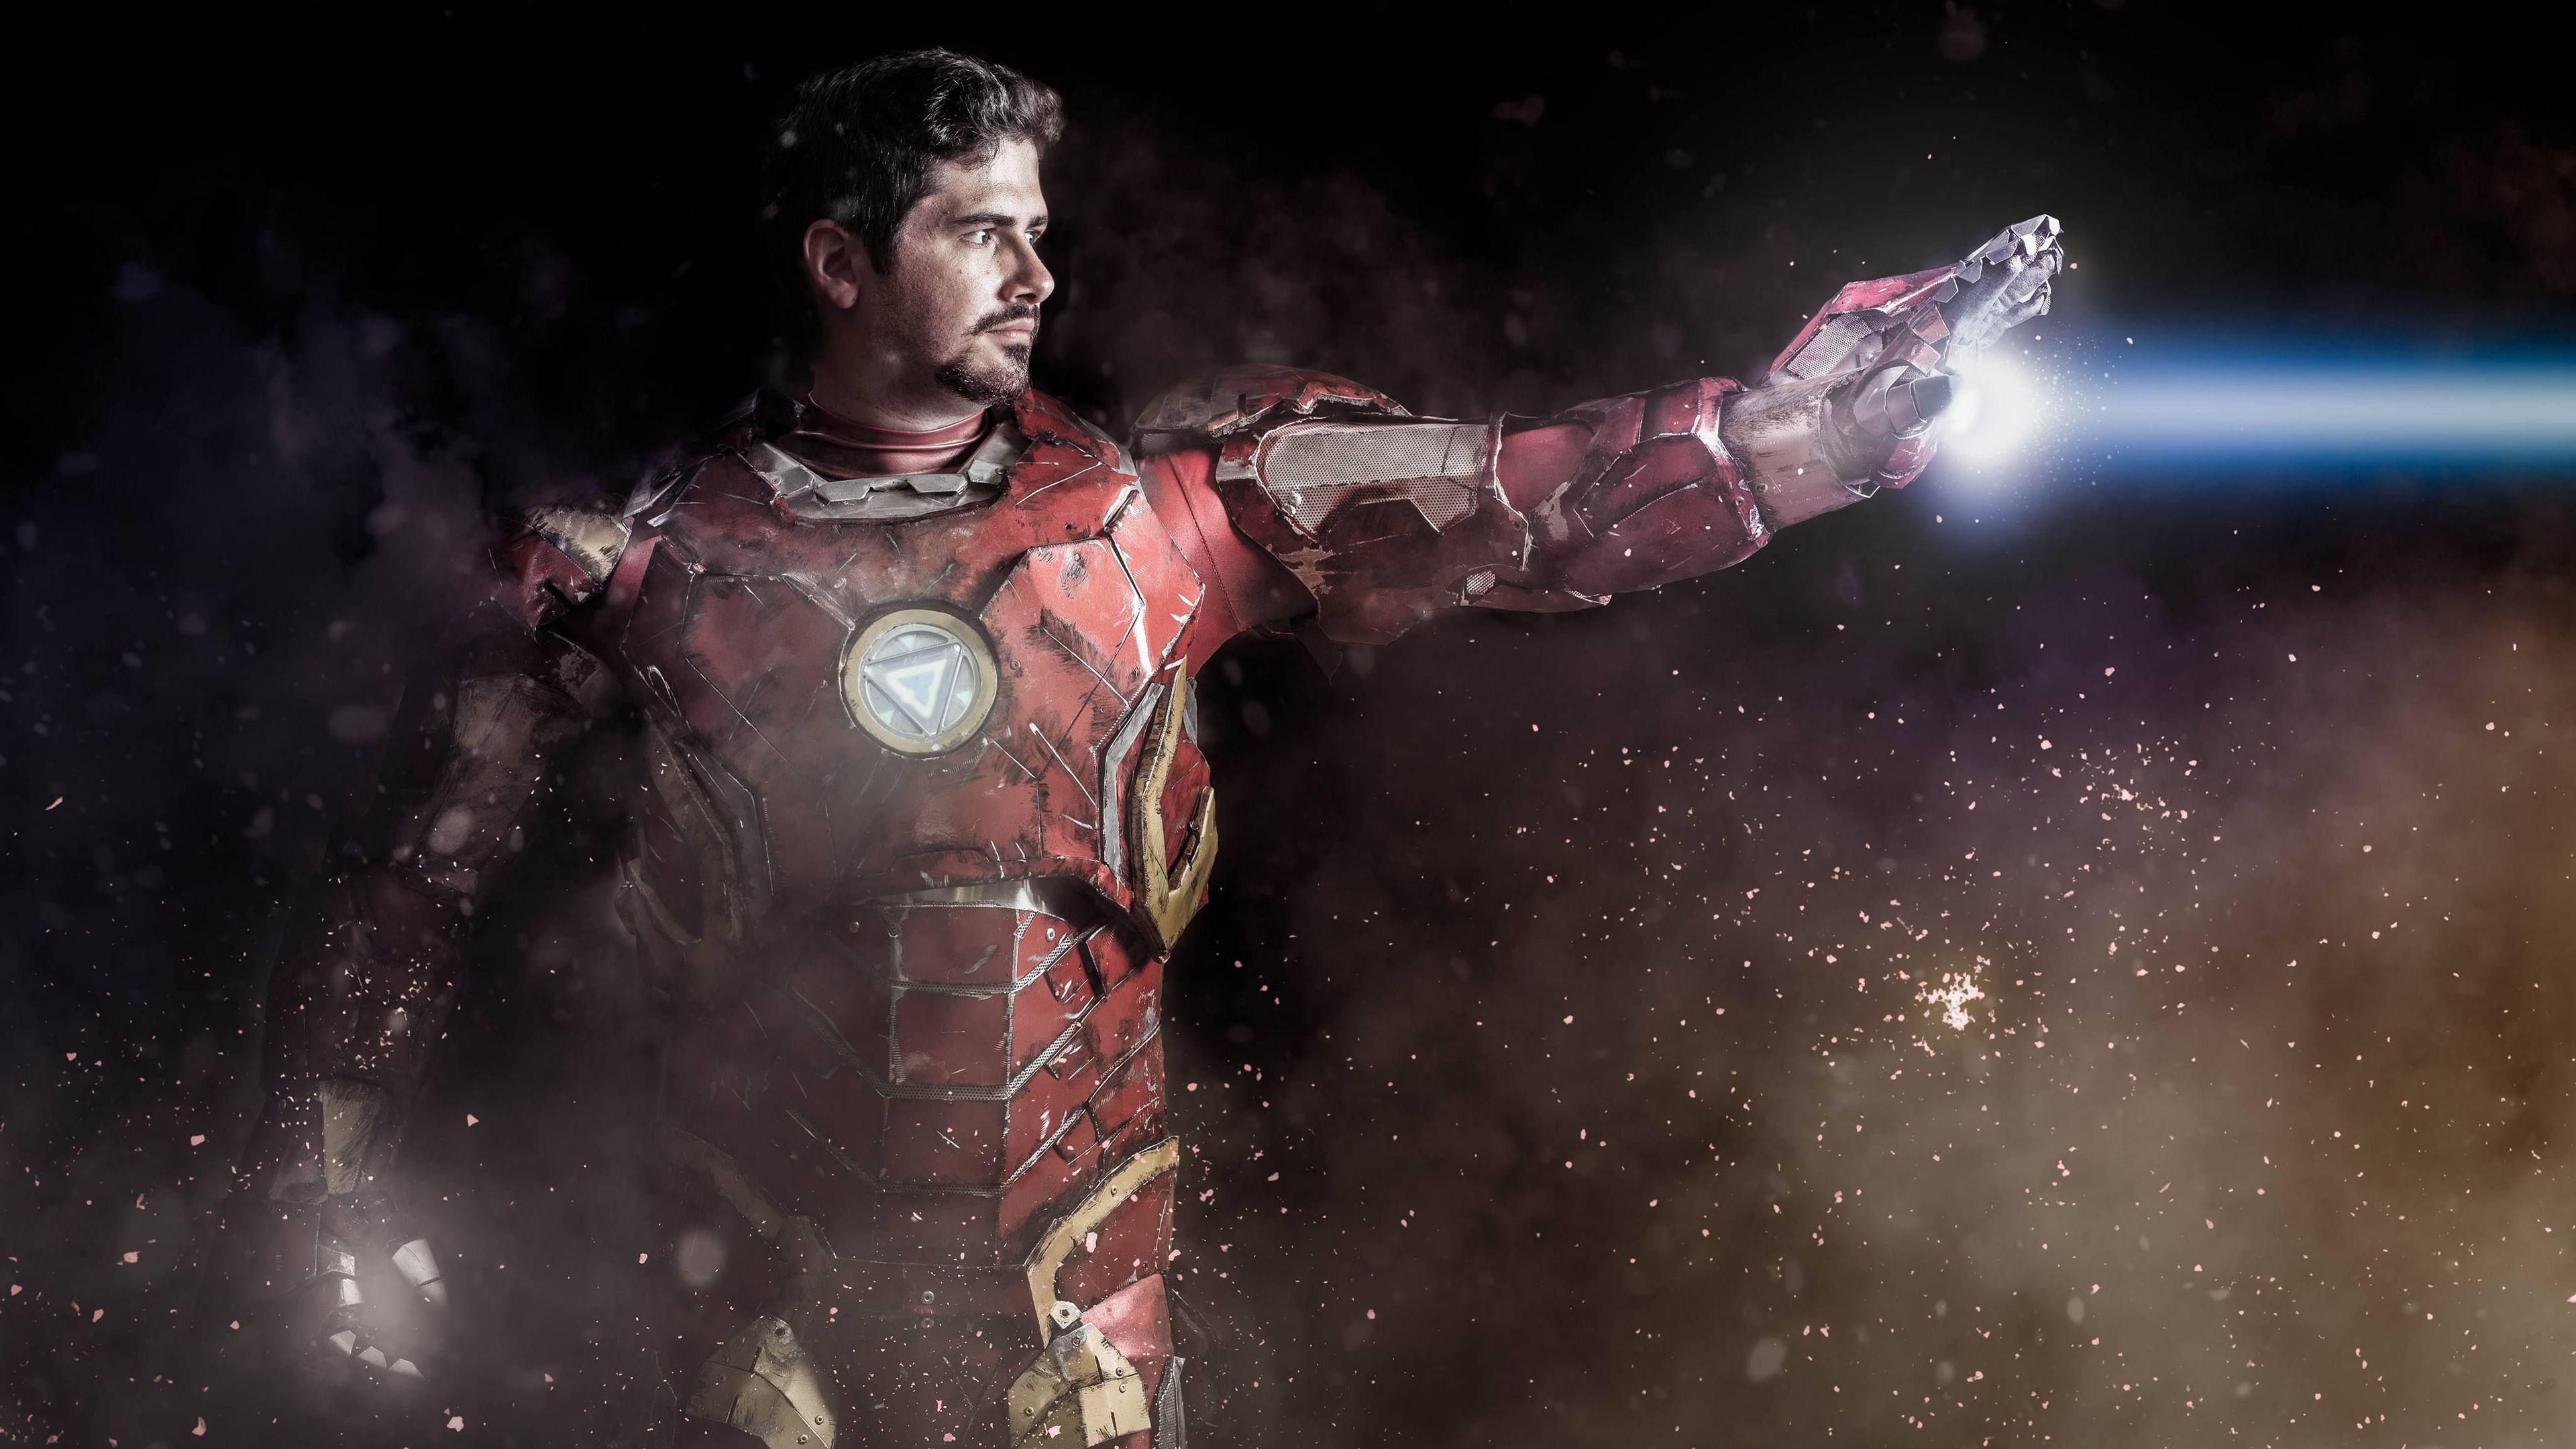 iron man cosplay 4k 1553071009 - Iron Man Cosplay 4k - superheroes wallpapers, iron man wallpapers, hd-wallpapers, cosplay wallpapers, 4k-wallpapers